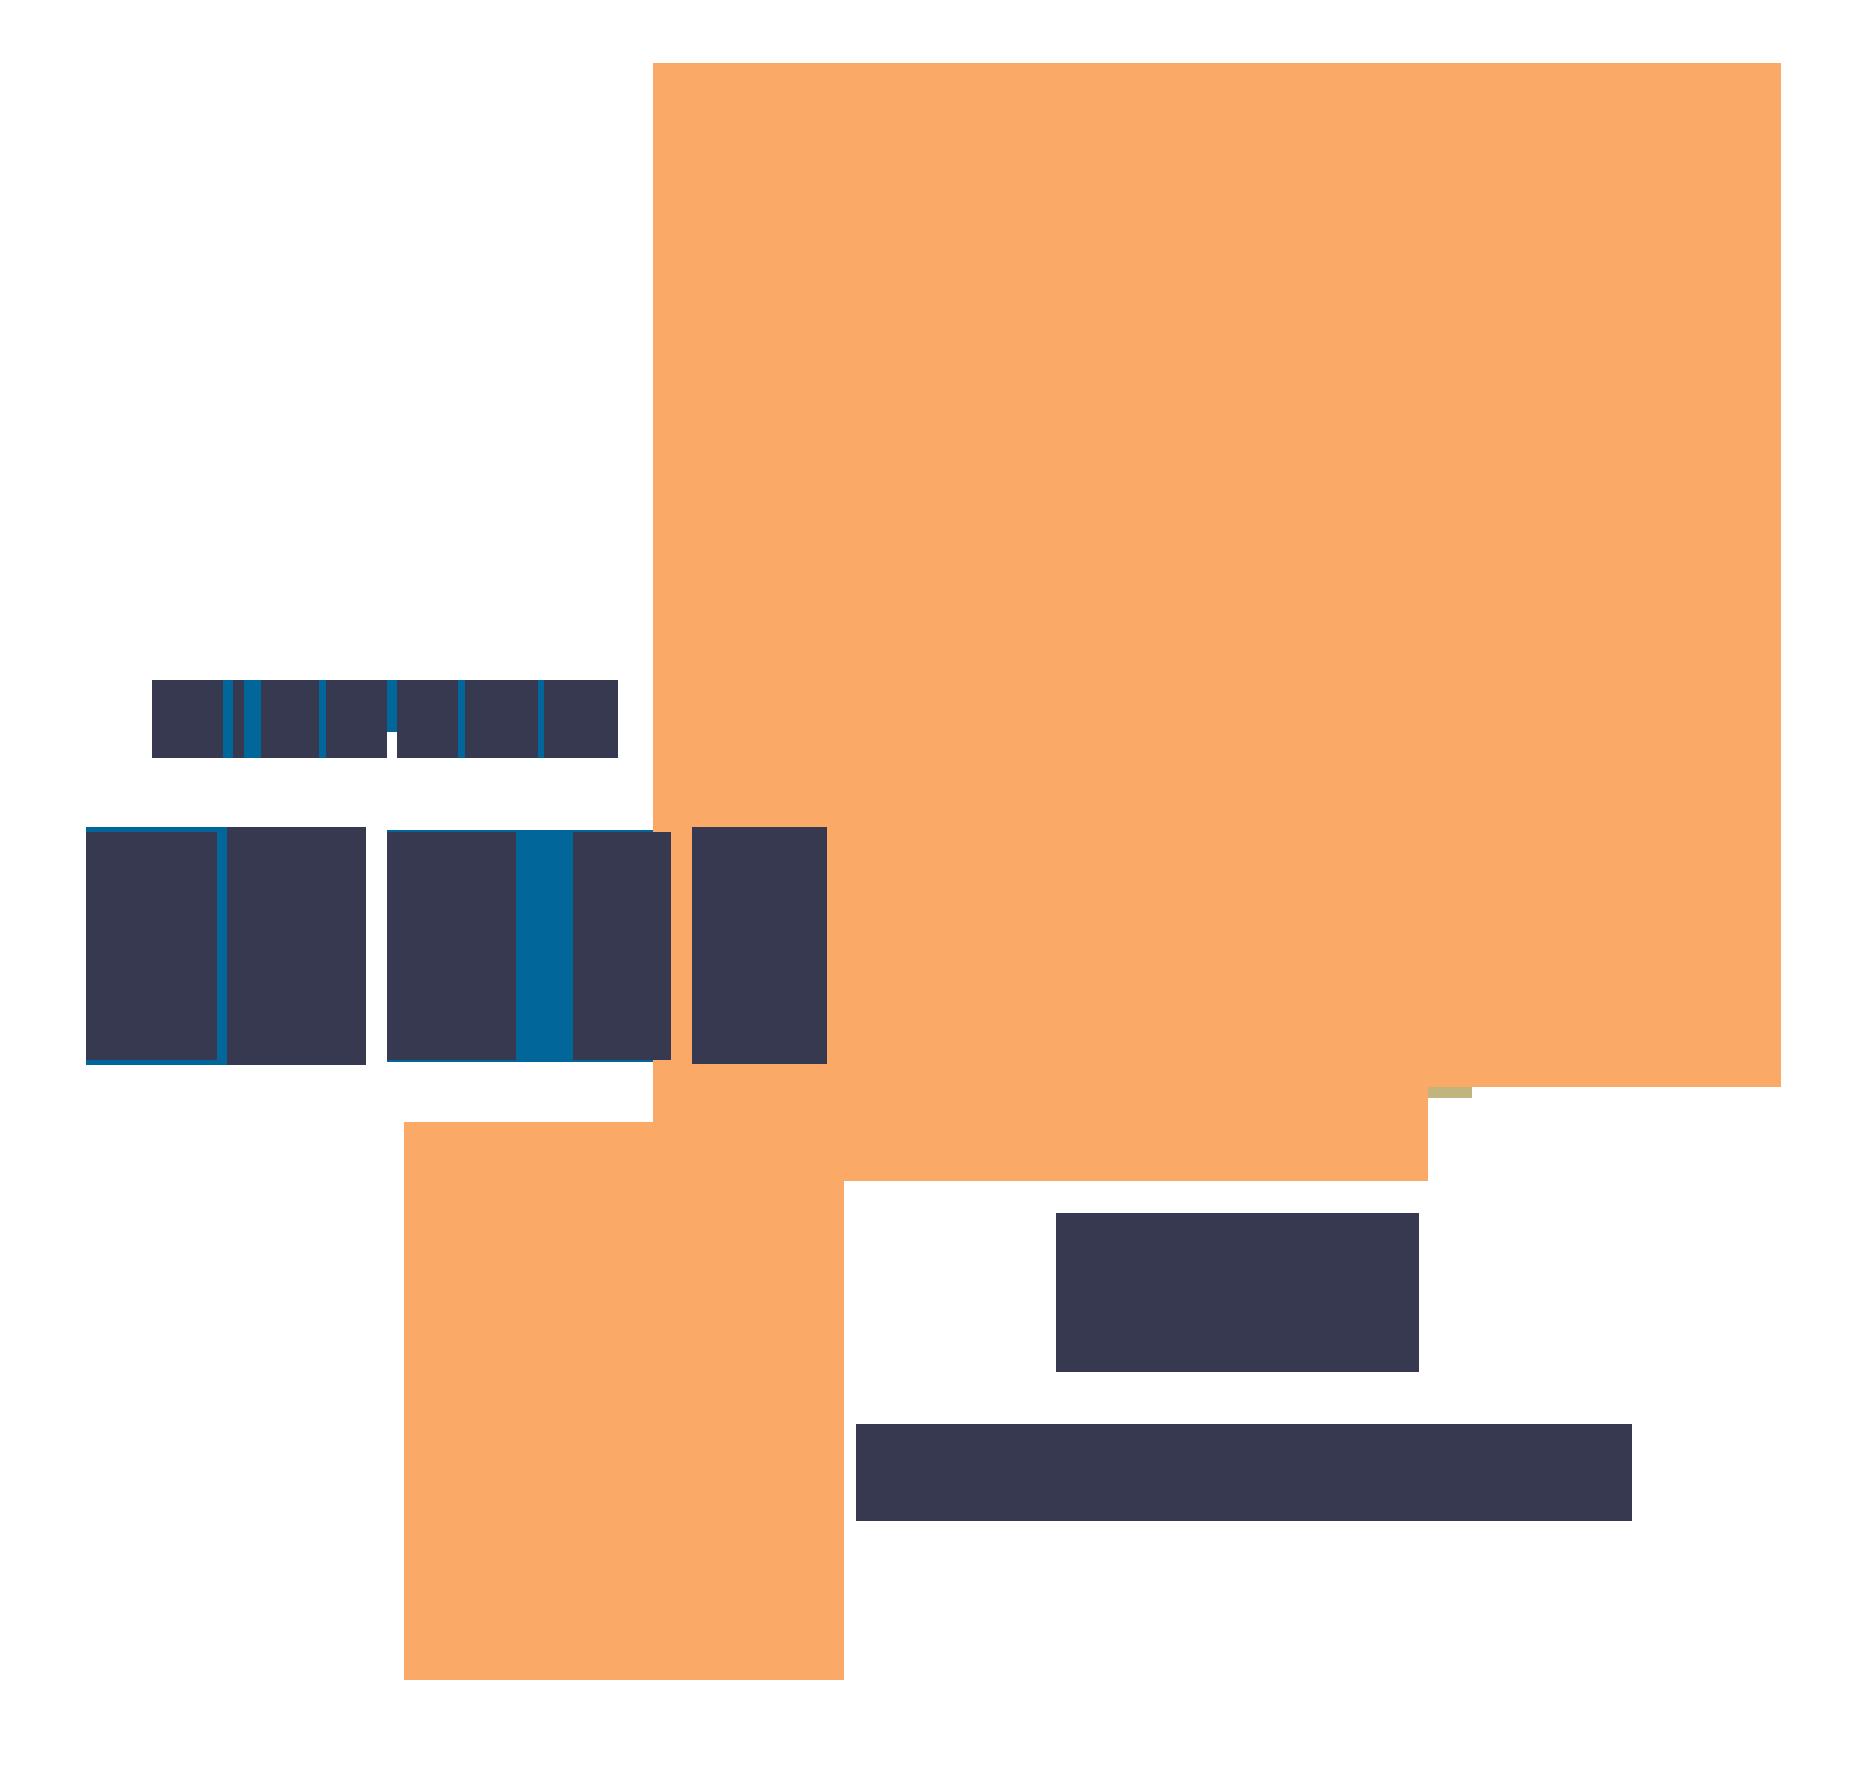 Top 10 Doanh Nghiệp CNTT Việt Nam